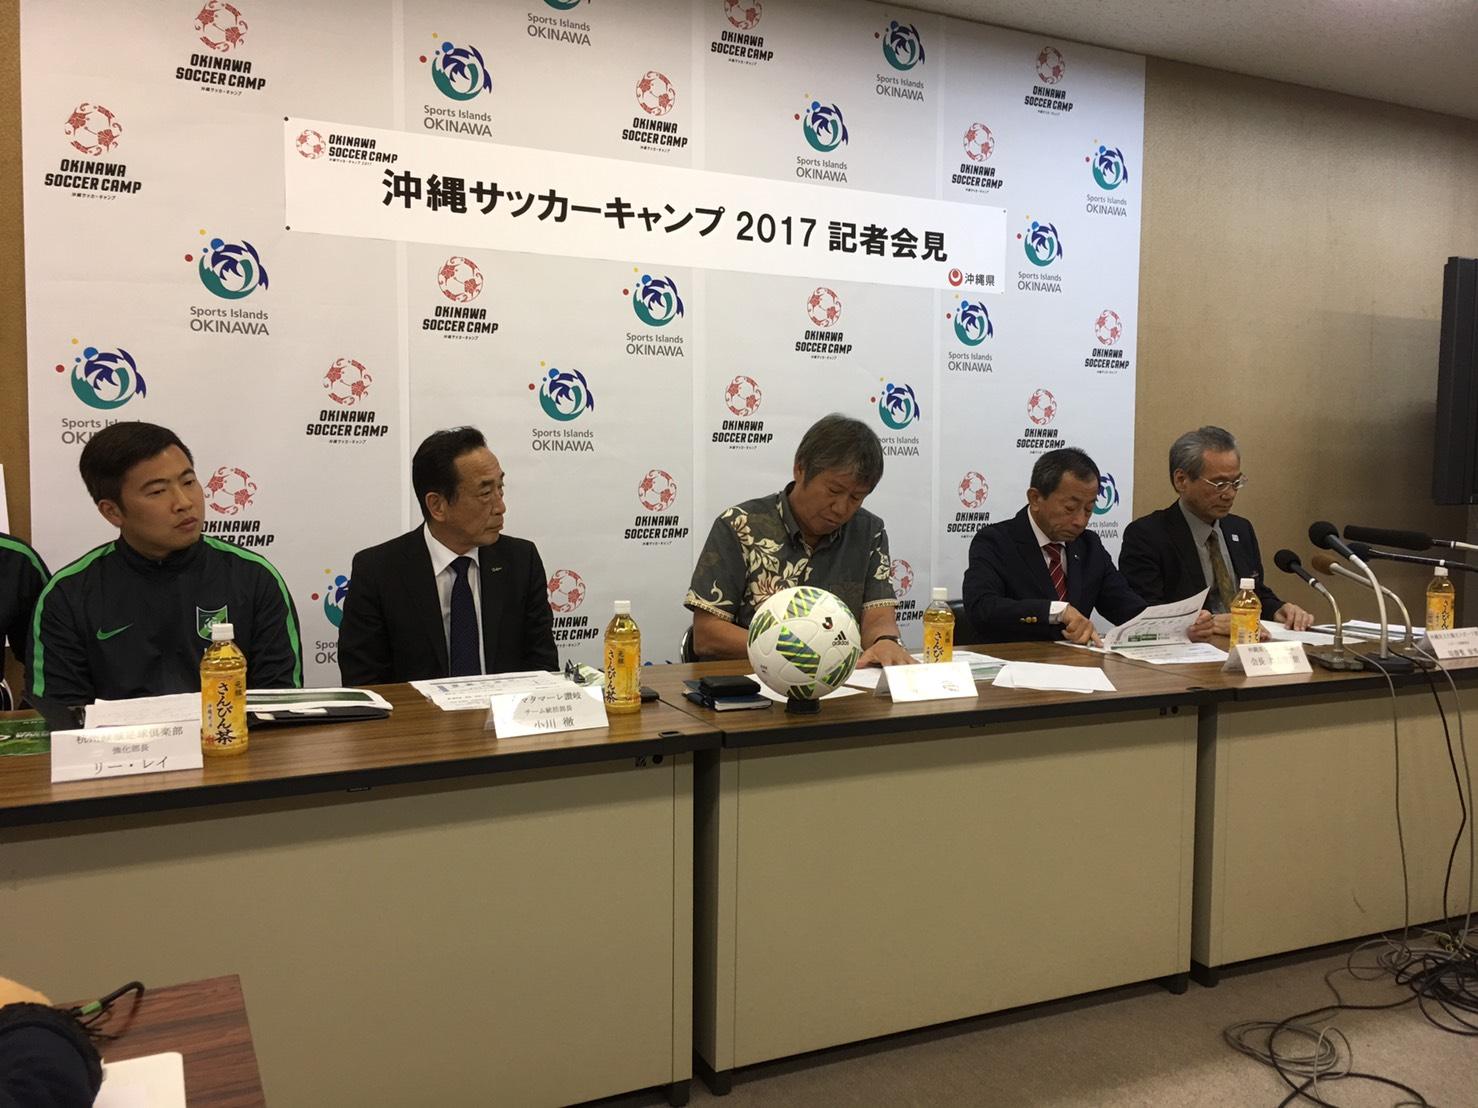 ニュース |  沖縄サッカーキャンプ2017記者会見!沖縄サッカーキャンプ2017記者会見!